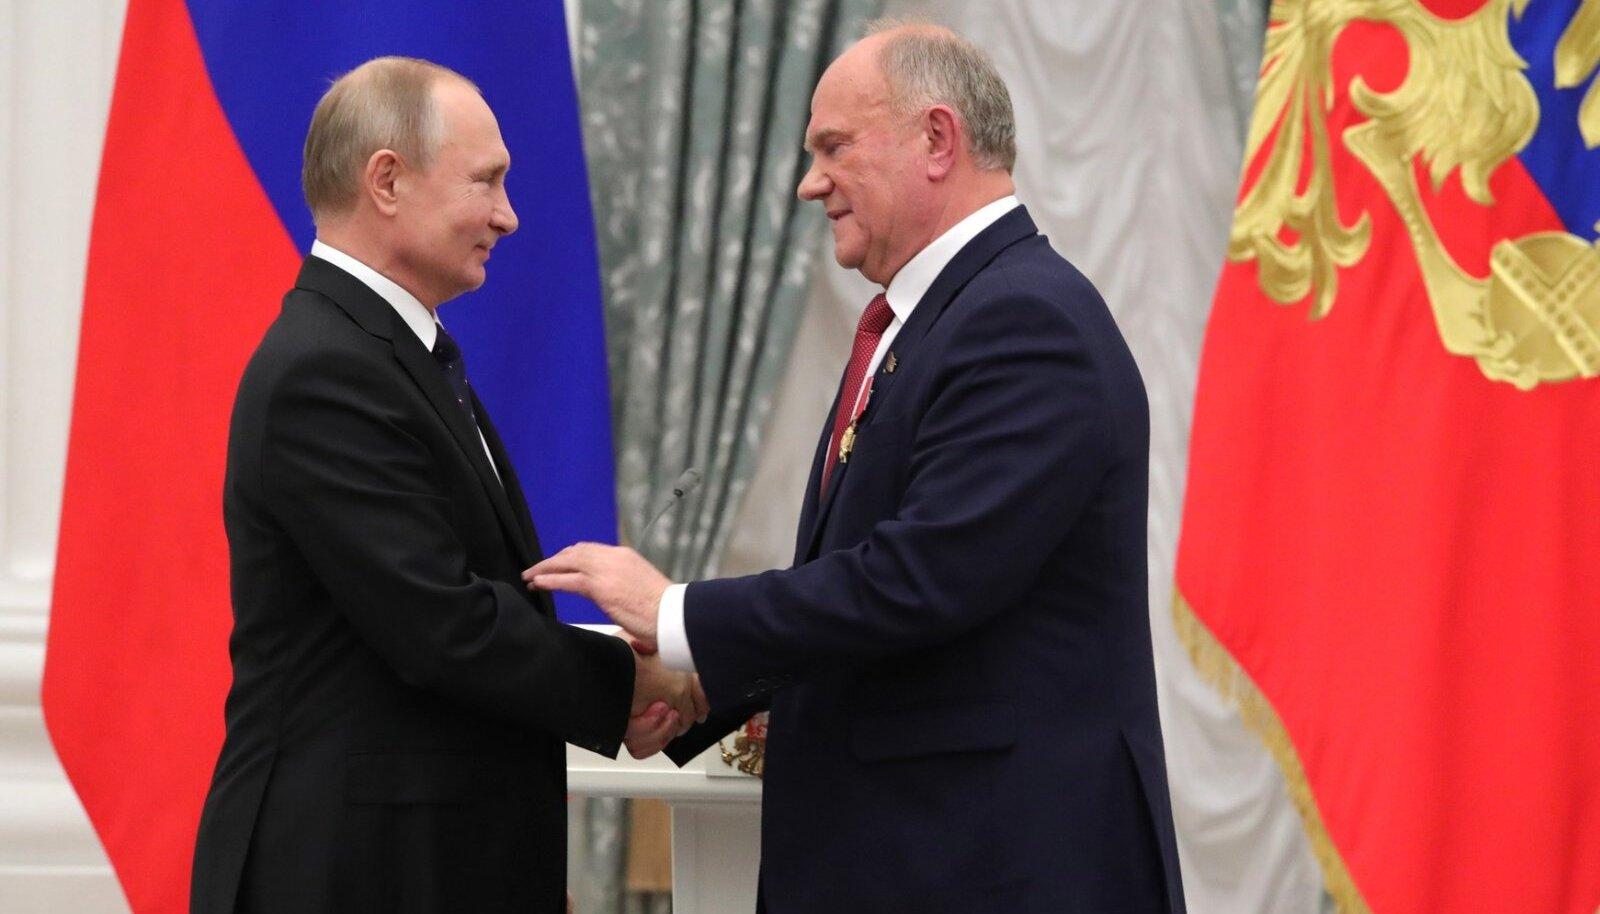 Президент РФ Владимир Путин и лидер КПРФ Геннадий Зюганов